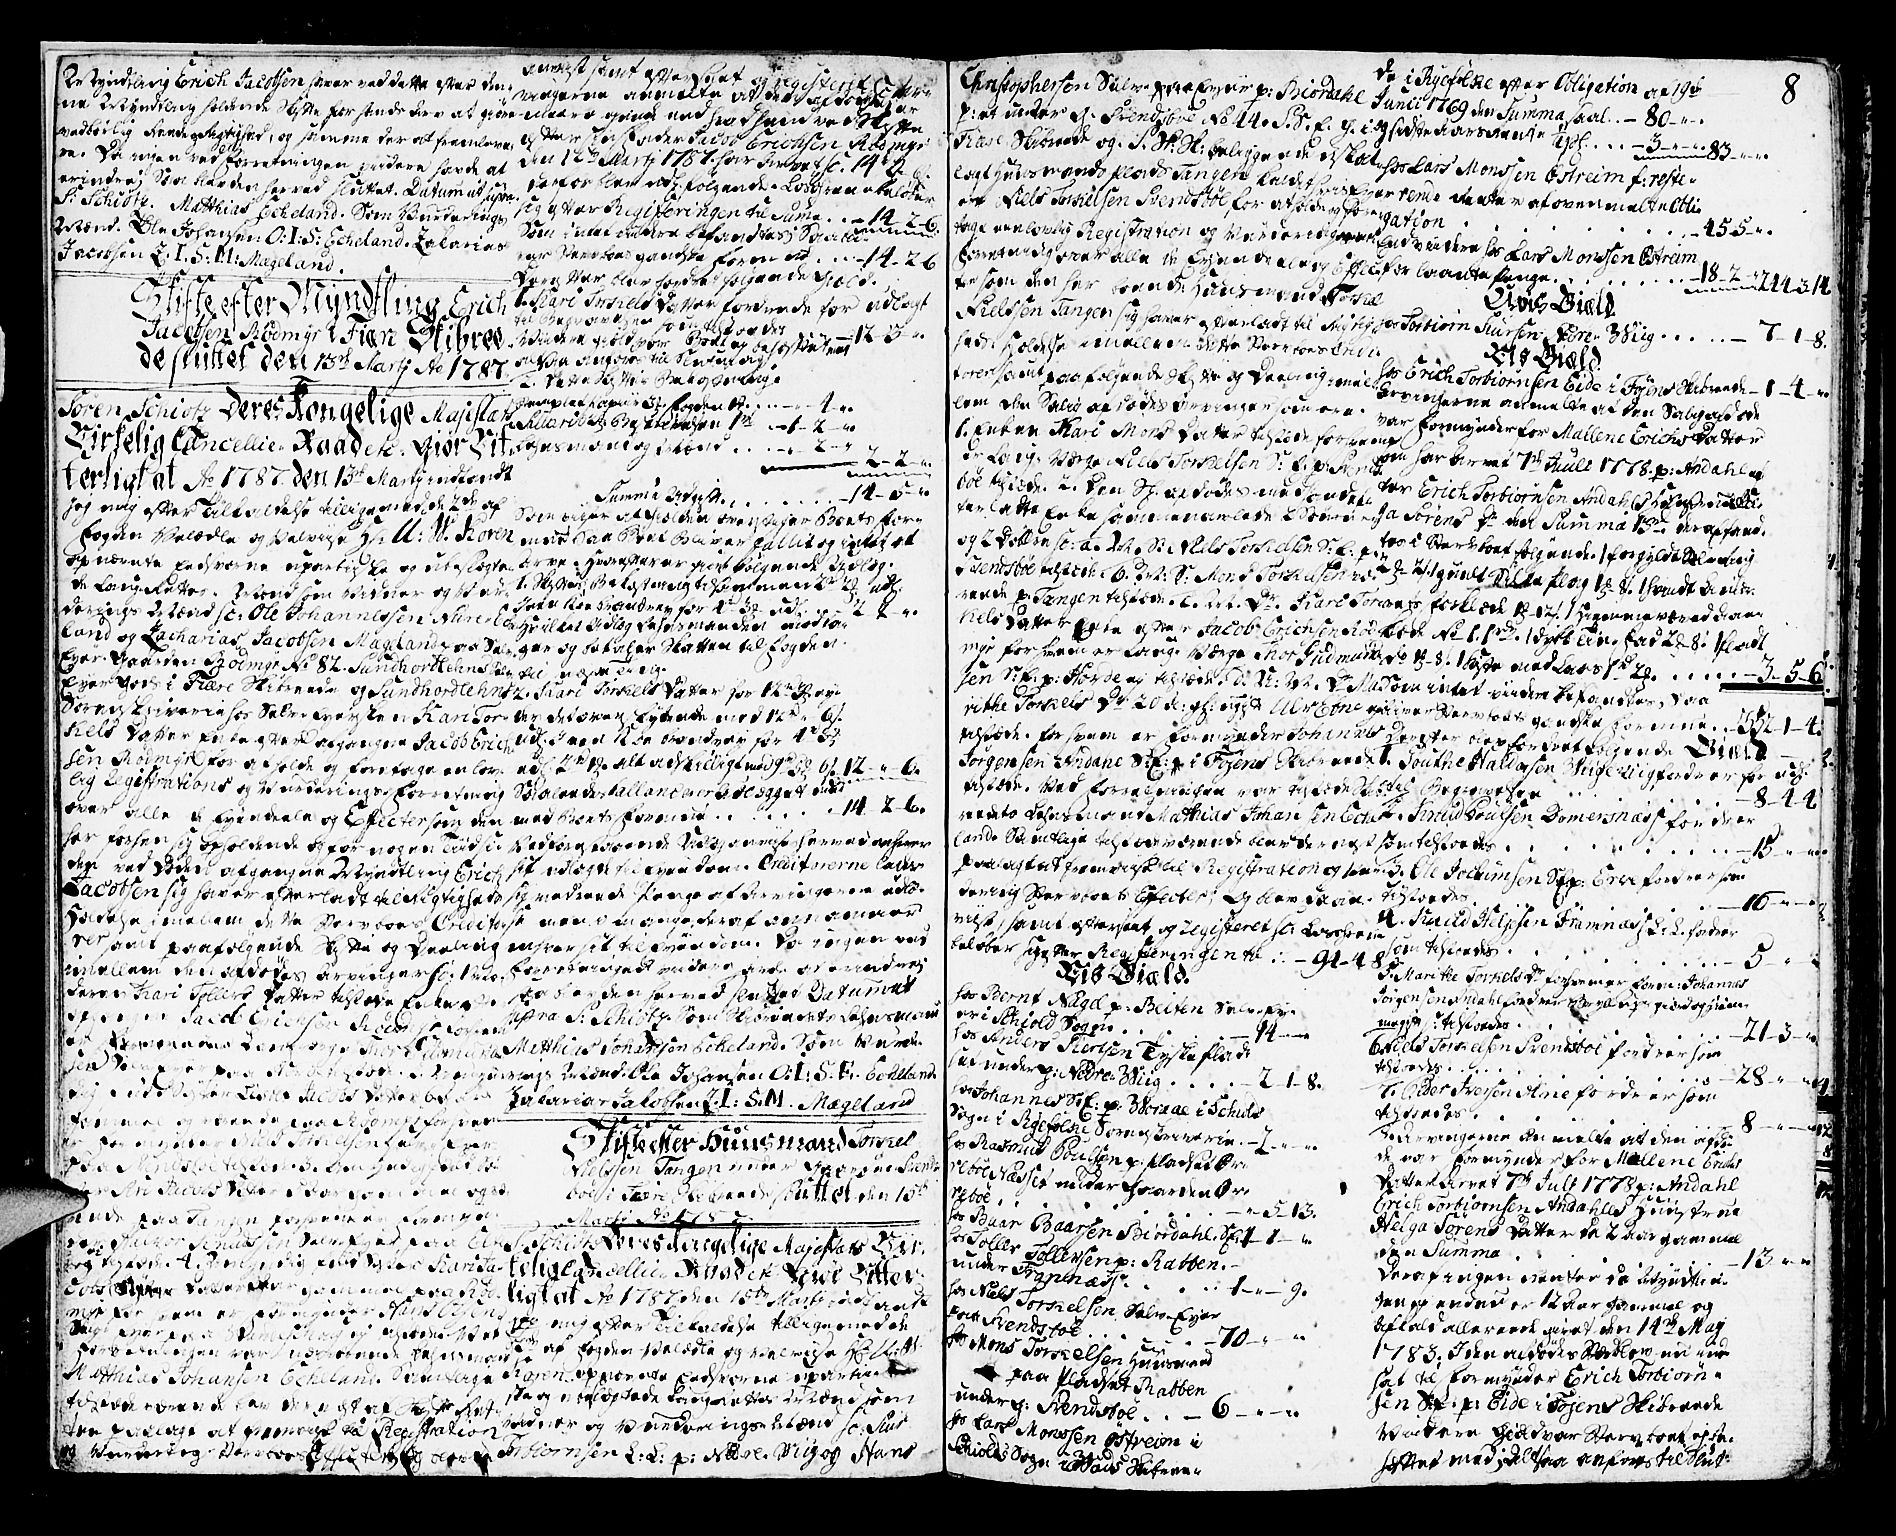 SAB, Sunnhordland sorenskrivar, H/Haa/L0010: Skifteprotokollar. Register i protokoll. Fol. 565-ut, 1787-1790, s. 7b-8a